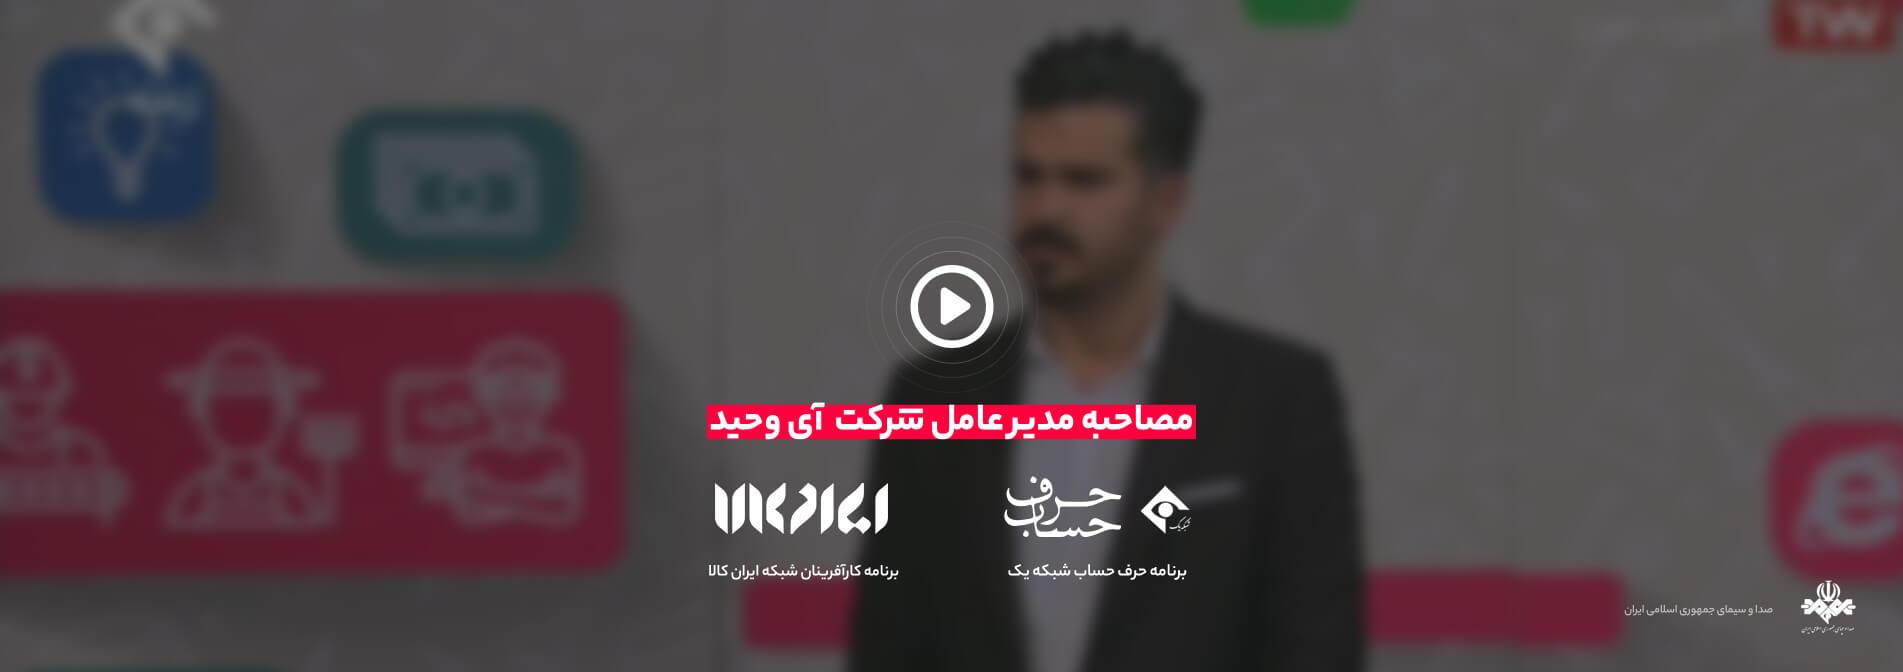 مصاحبه مدیر عامل شرکت آی وحید